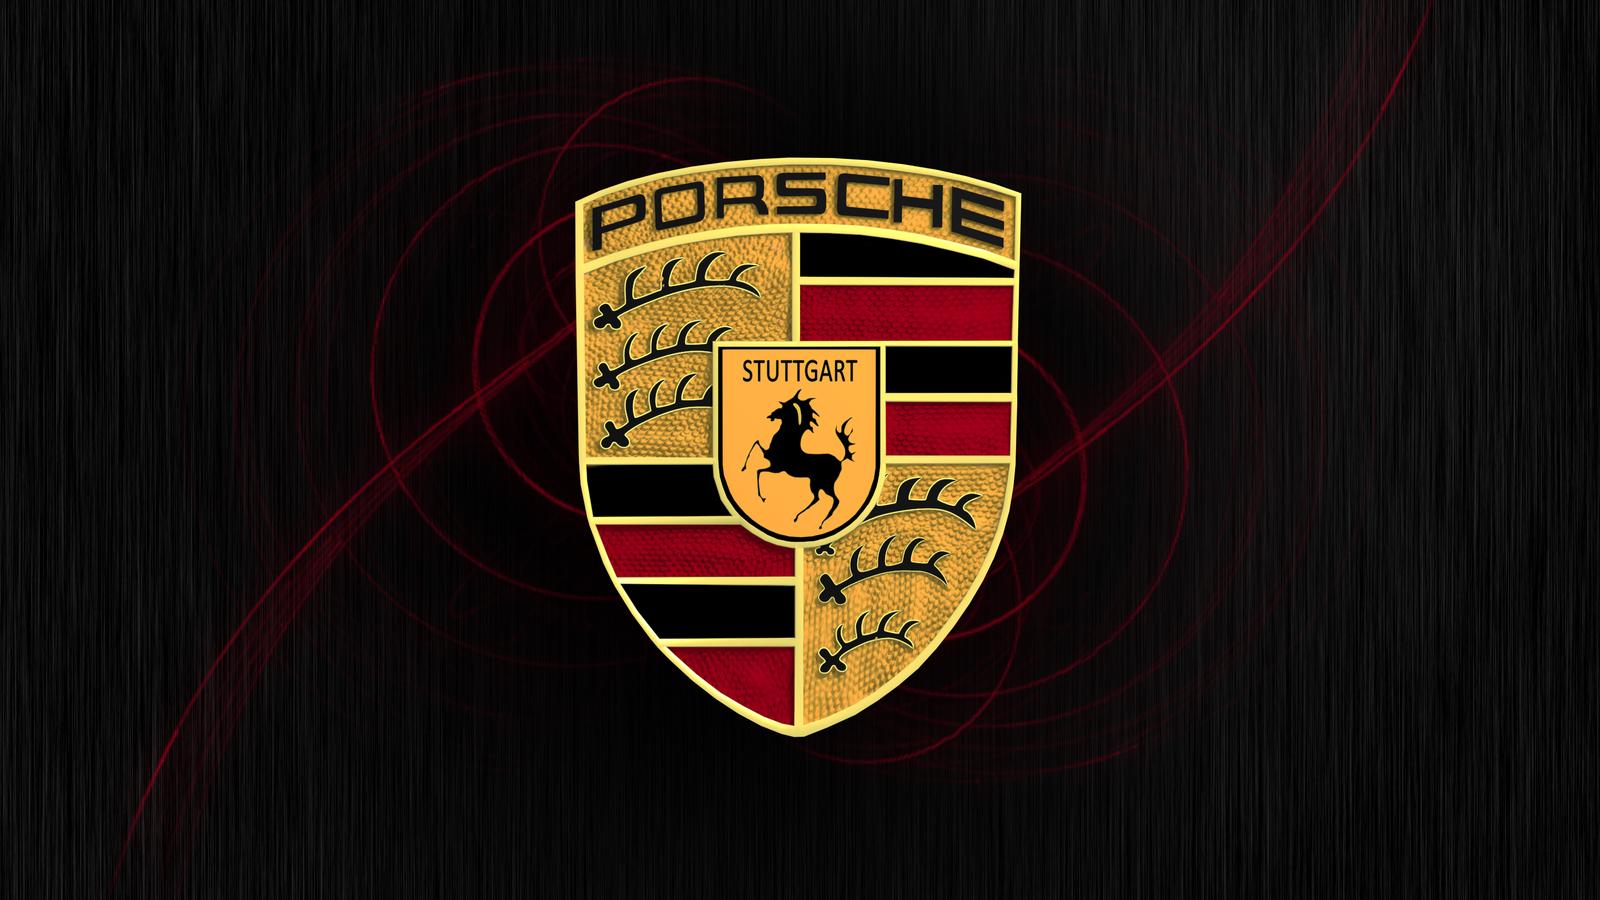 Porsche Emblem By Jokr17 On Deviantart